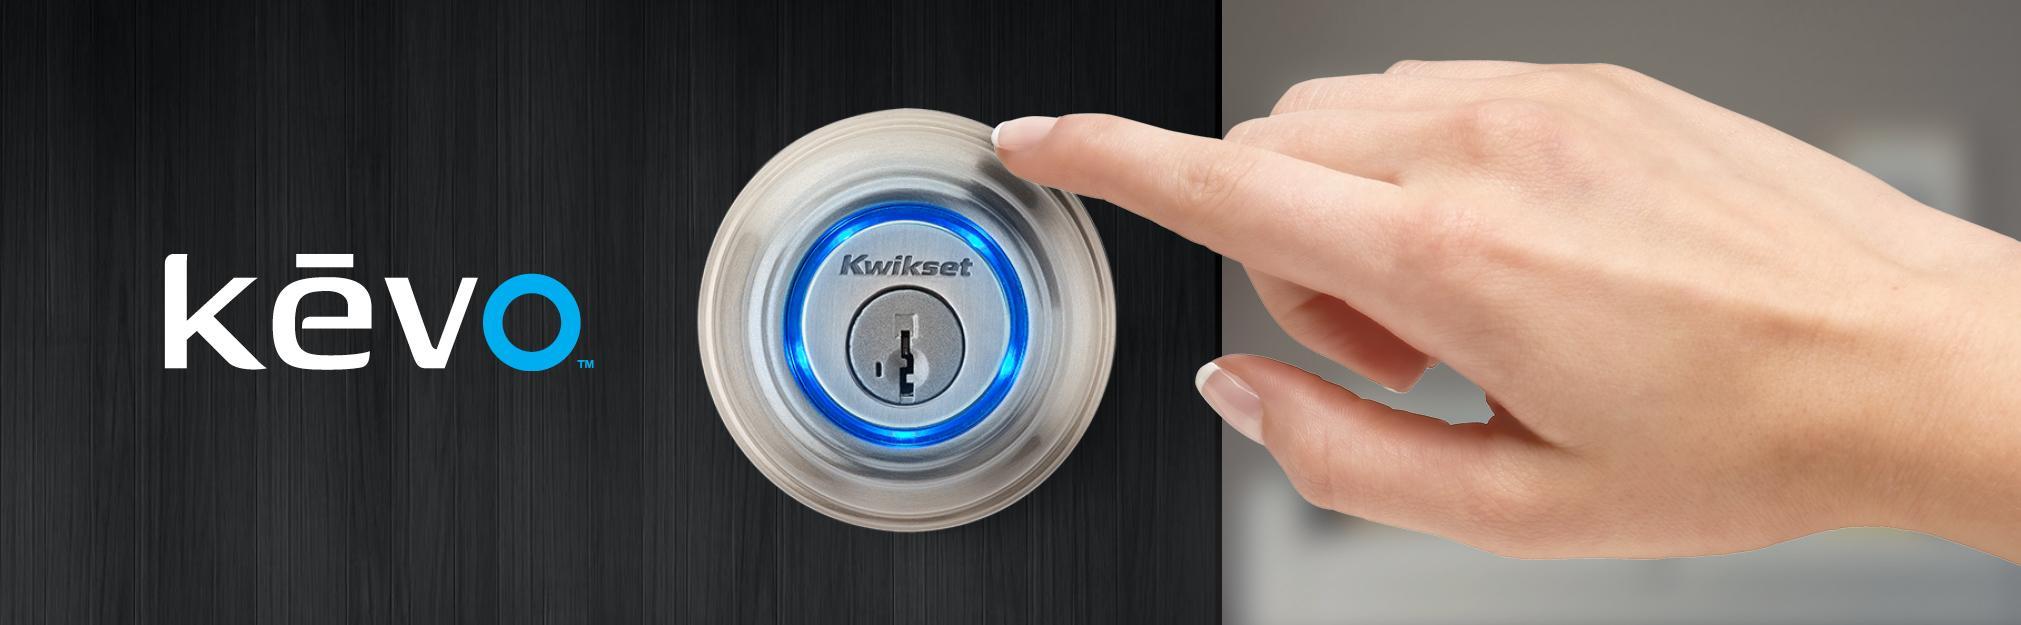 Kwikset Kevo 99250 203 Kwikset Kevo 2nd Gen Touch To Open Bluetooth Smart Lock Works With